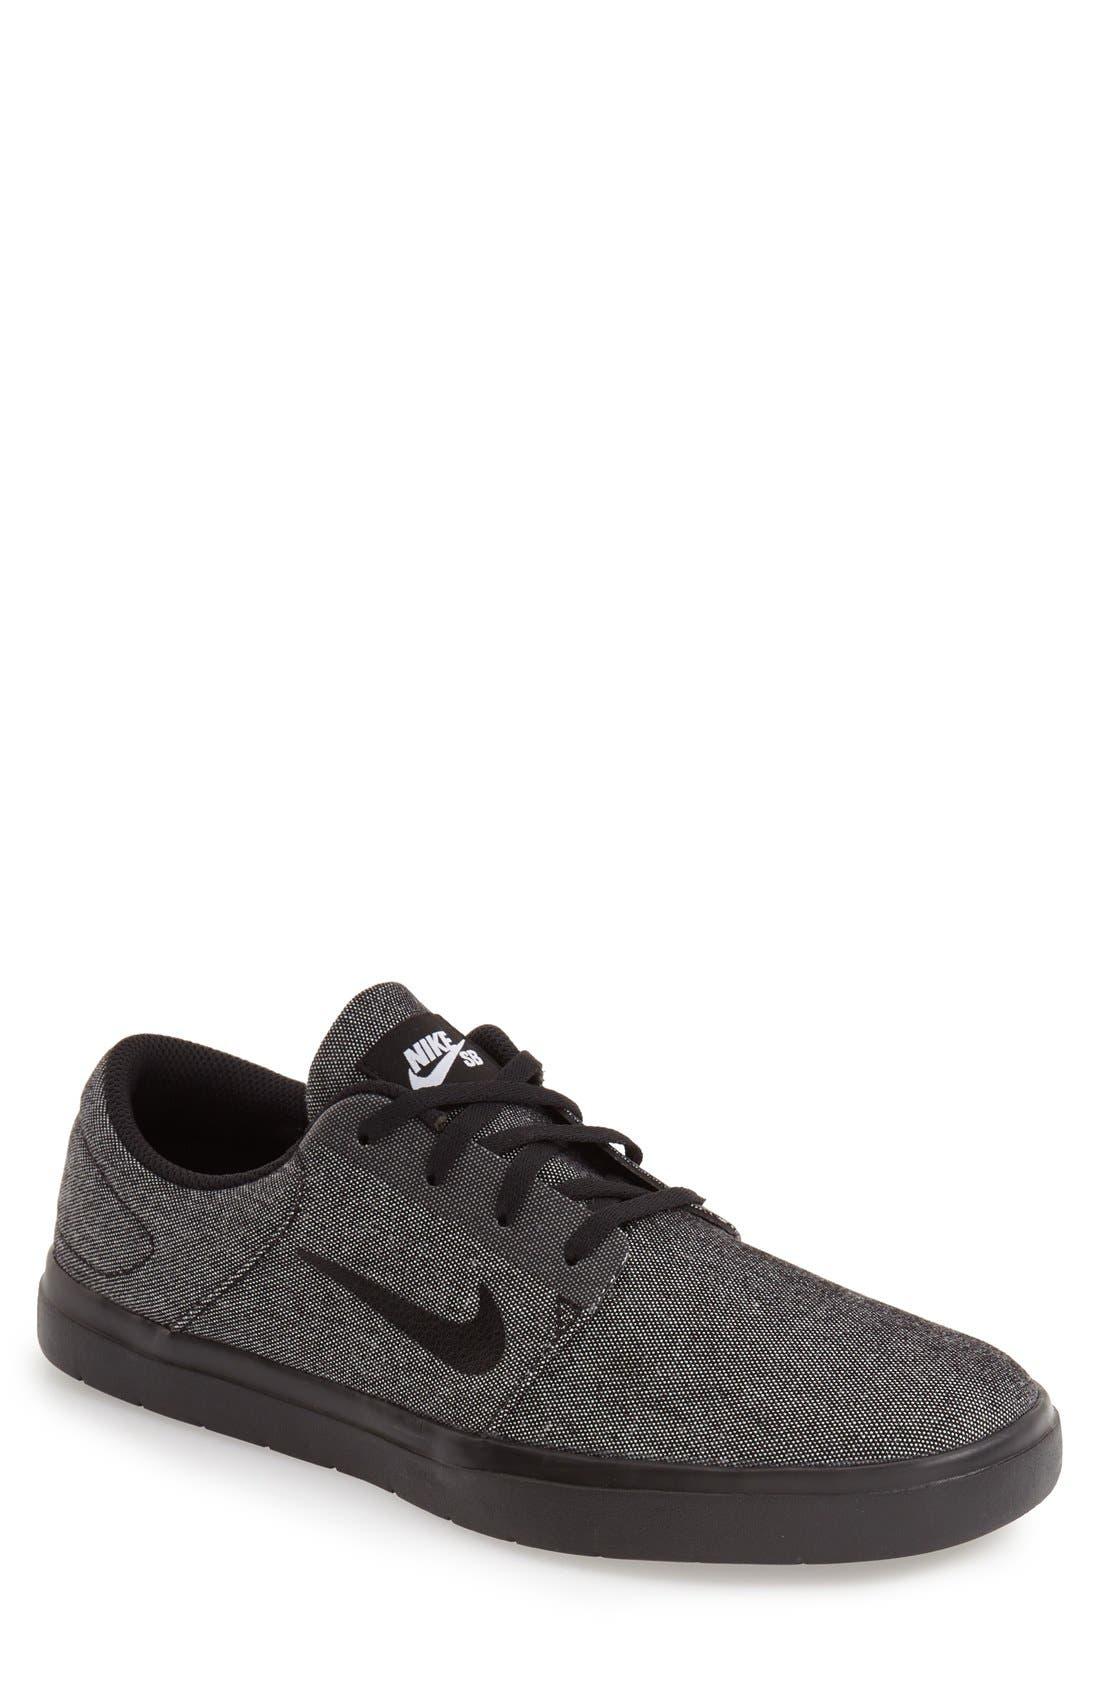 Main Image - Nike 'SB Portmore Ultralight' Skate Sneaker (Men)